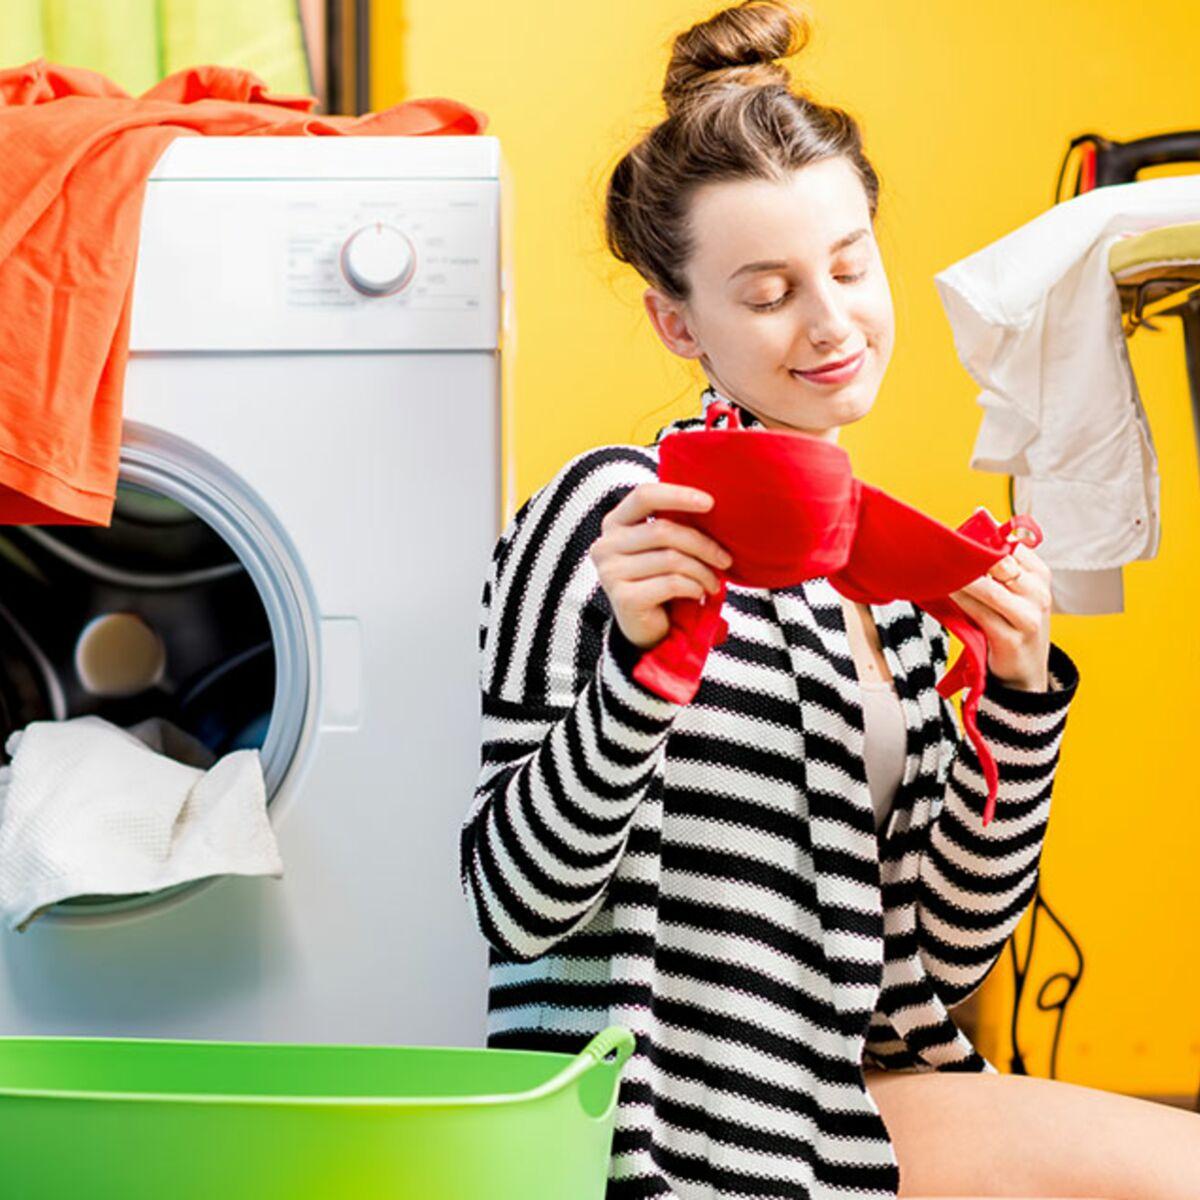 Astuces femme : à quelle fréquence dois-je laver mon soutien-gorge ?